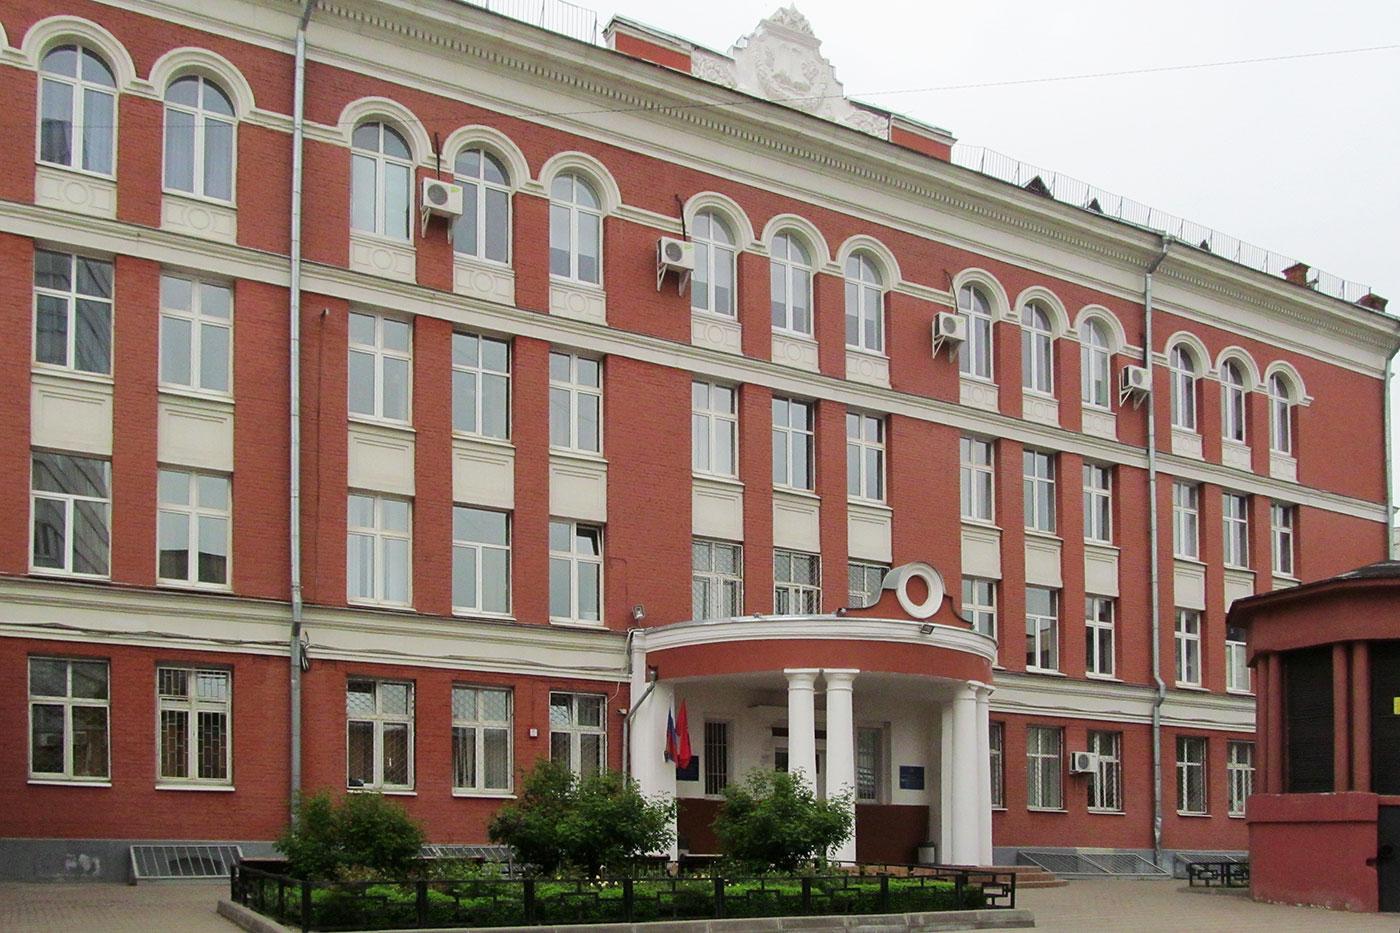 Школа №179, Георгиевский переулок, Москва